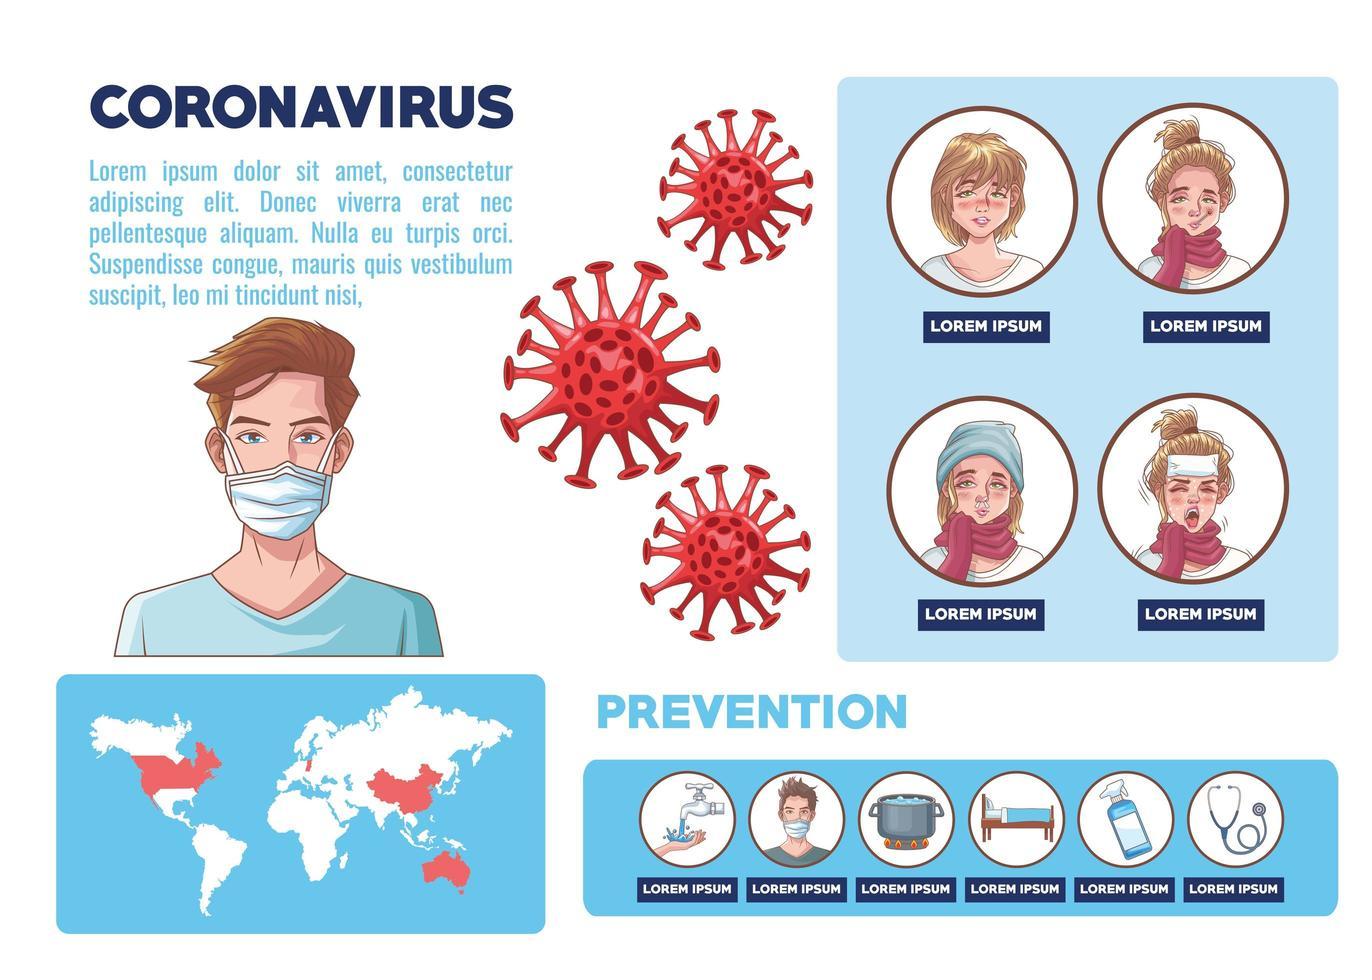 coronavirus infographic med symptom och förebyggande grafik vektor